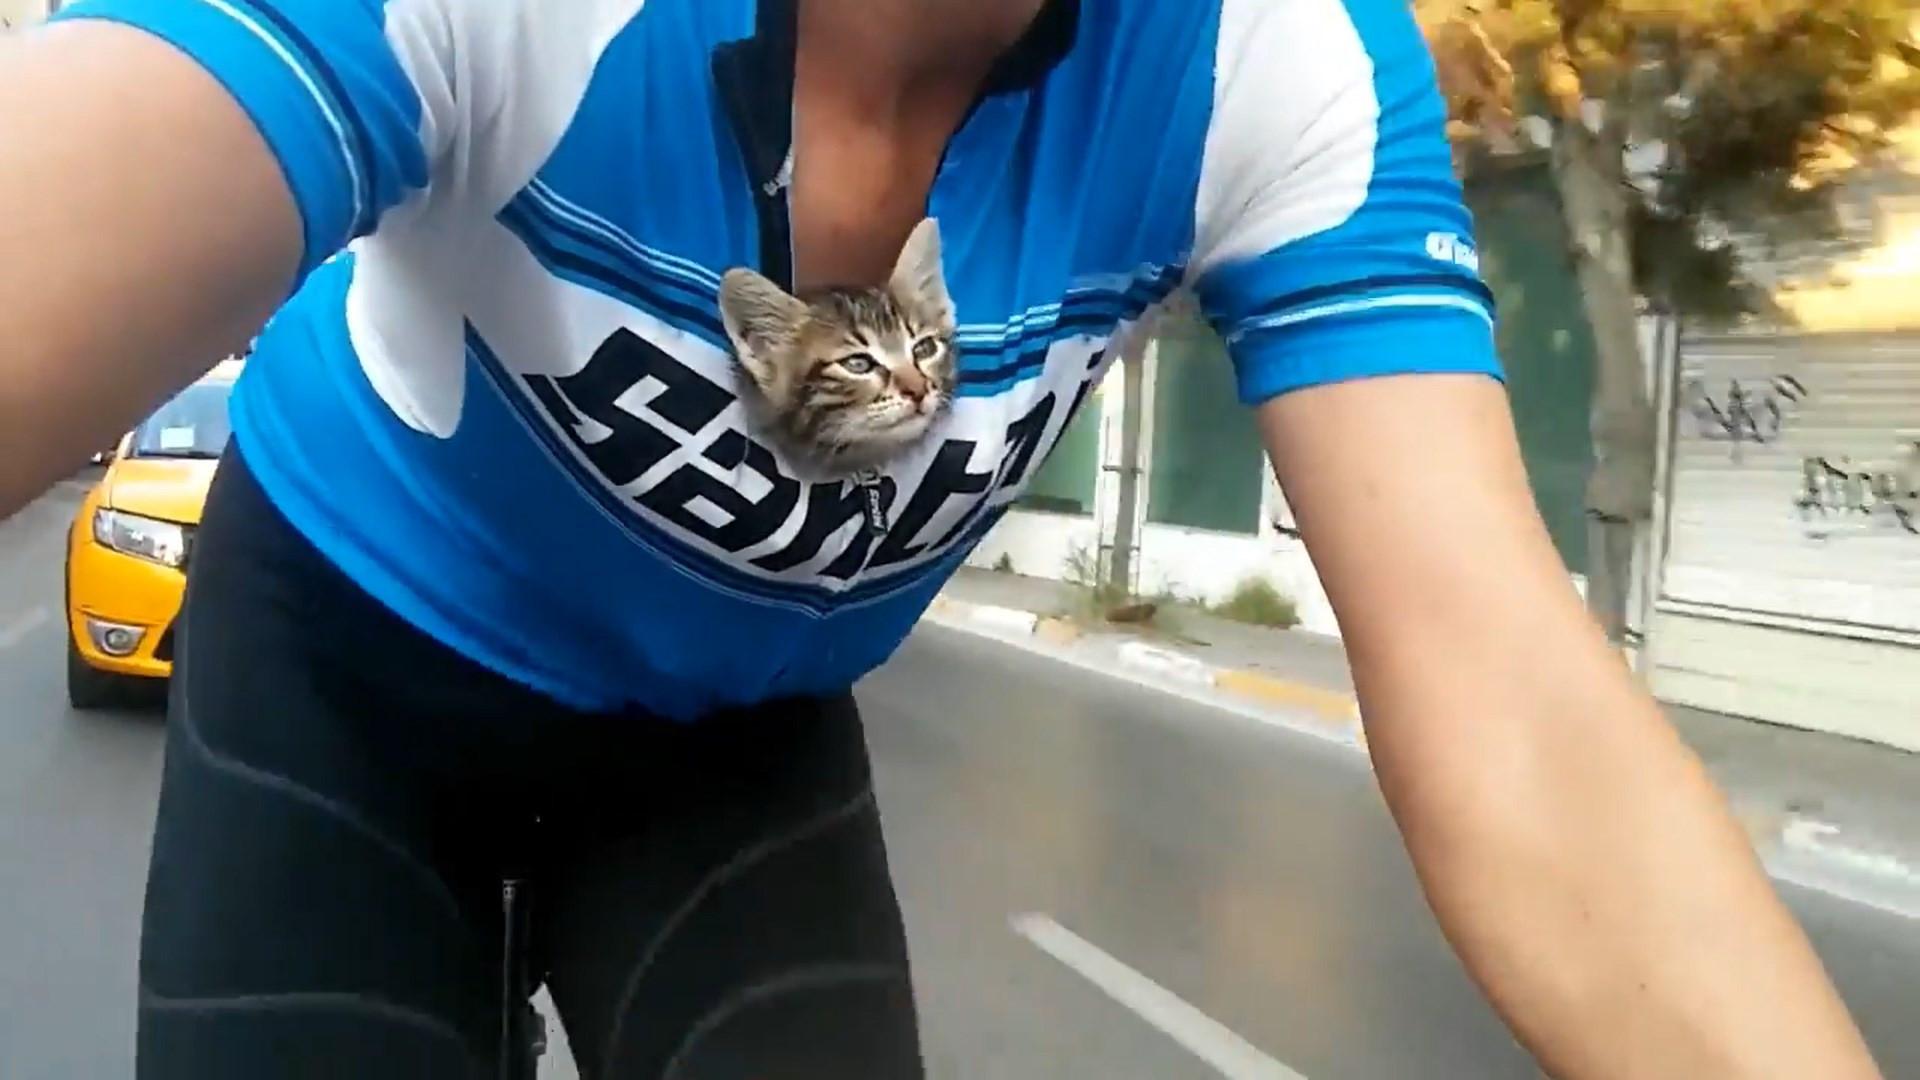 Ciclista transporta gato abandonado por 30km